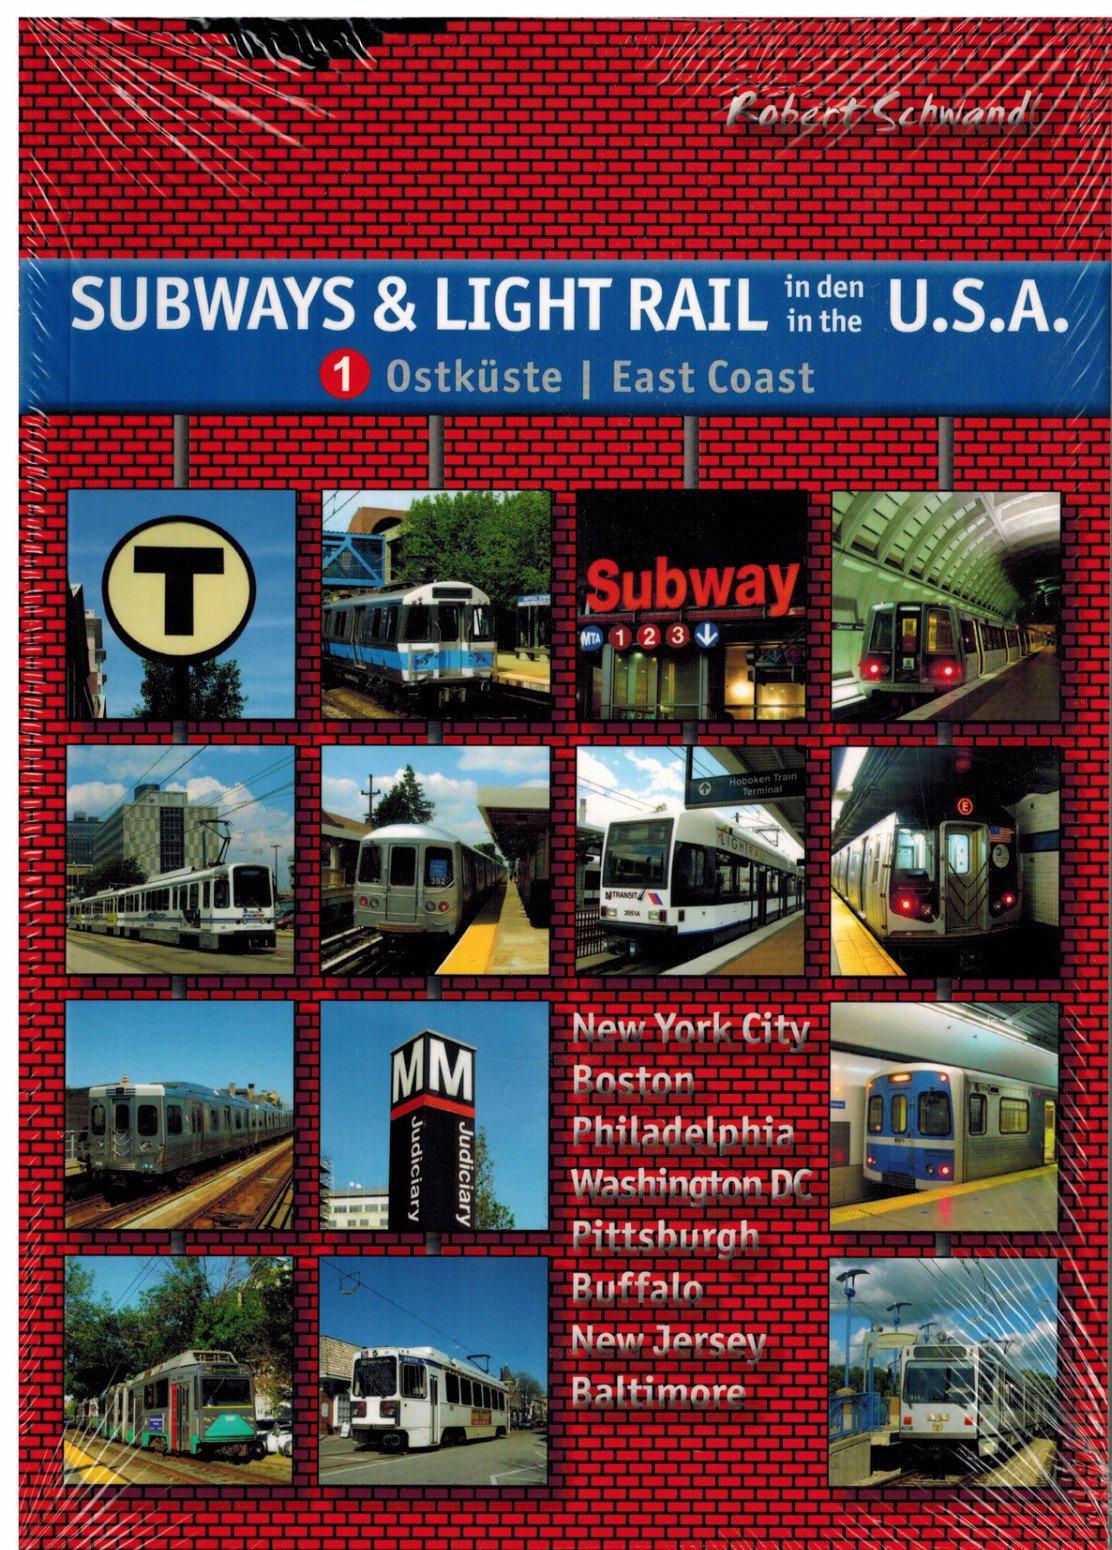 Subways & Light Rail in den USA 1: Ostküste